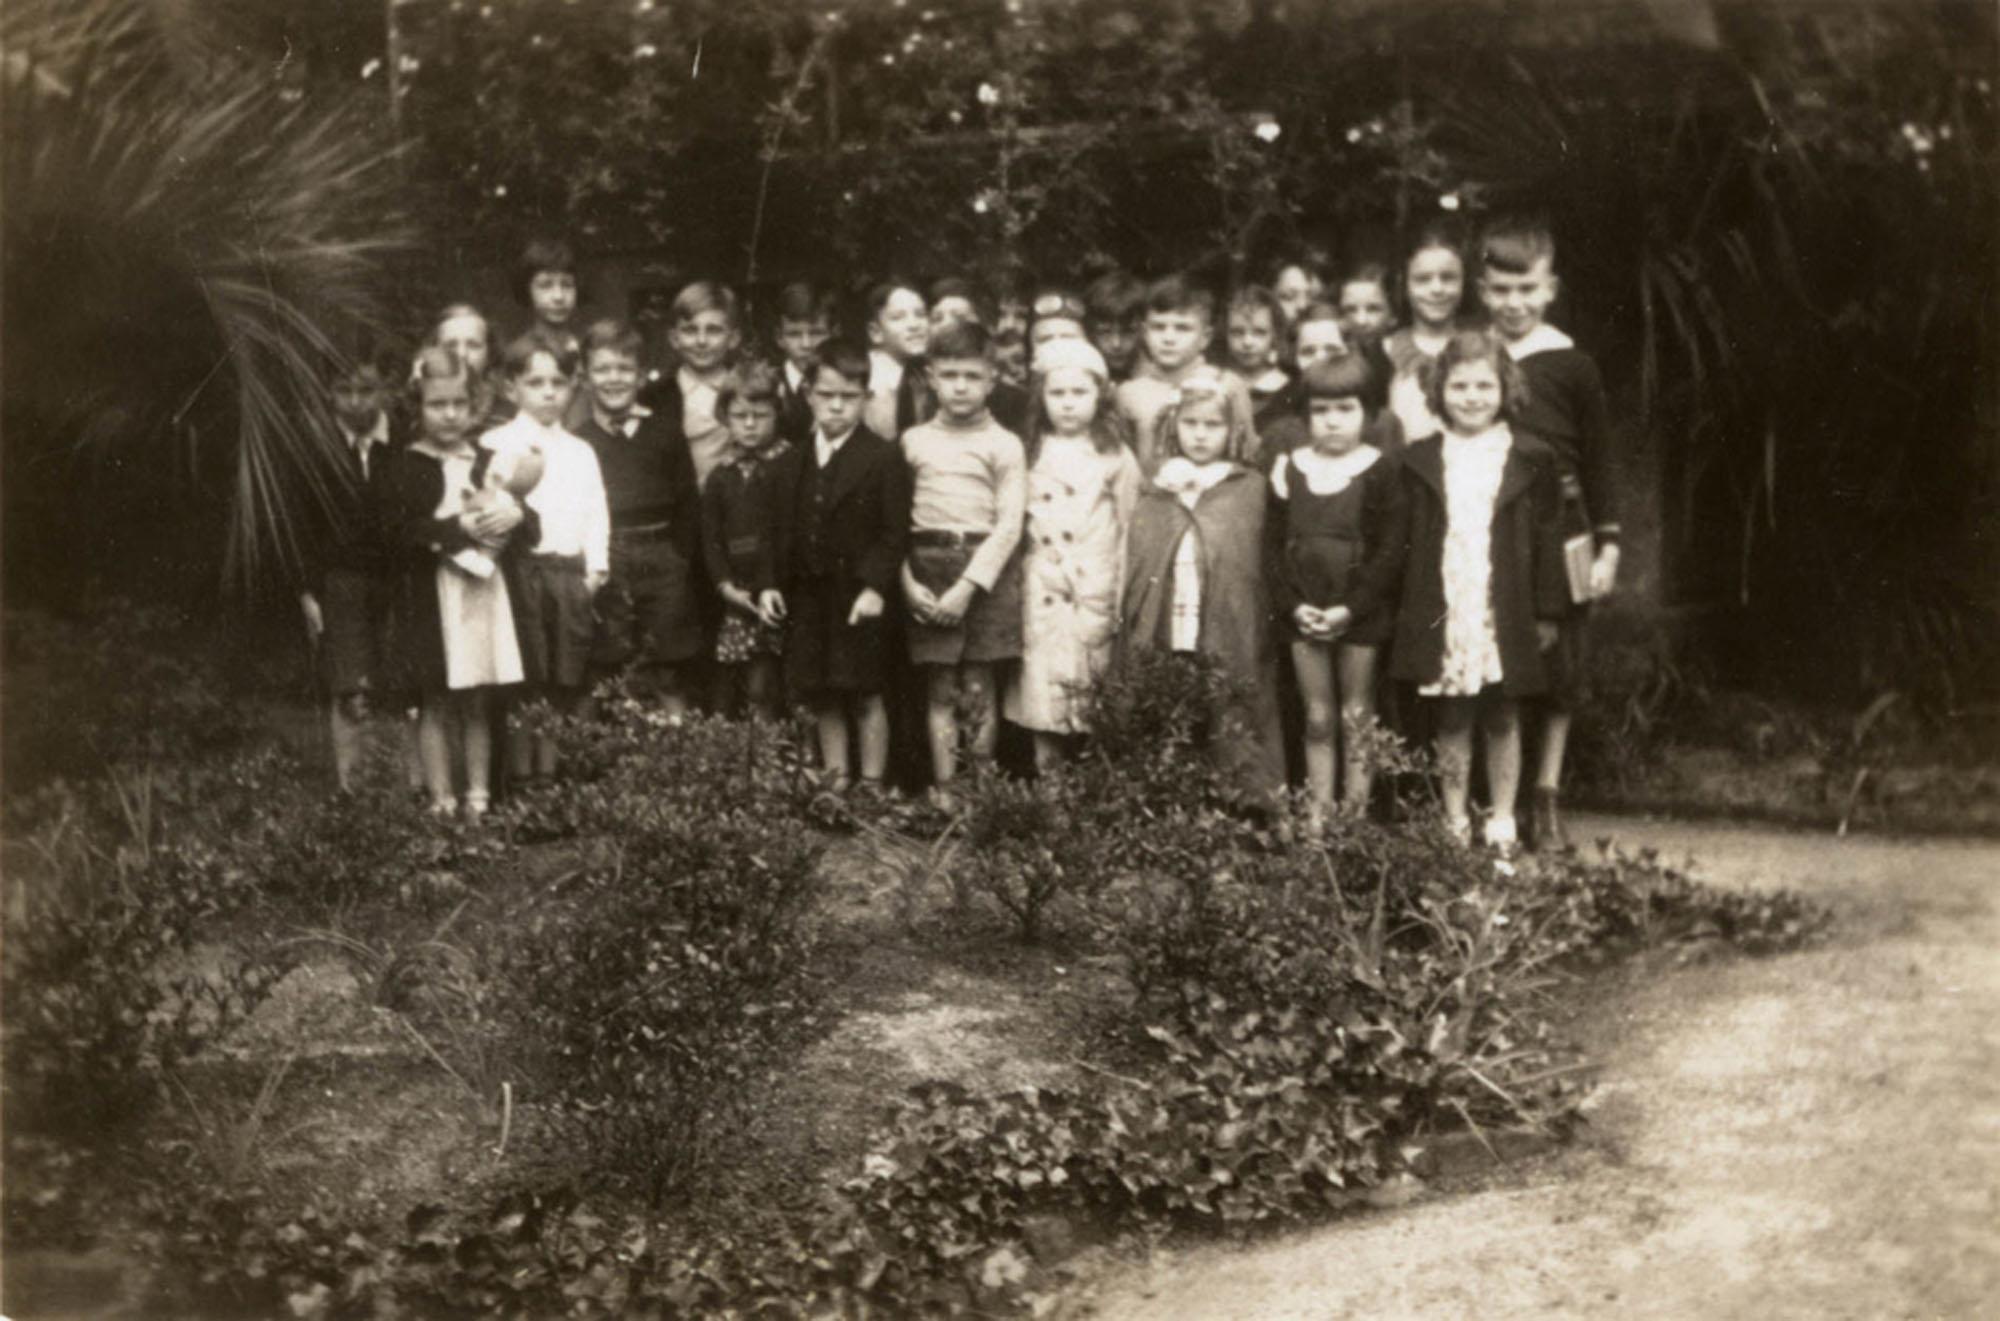 Children in garden, Main Library (2)